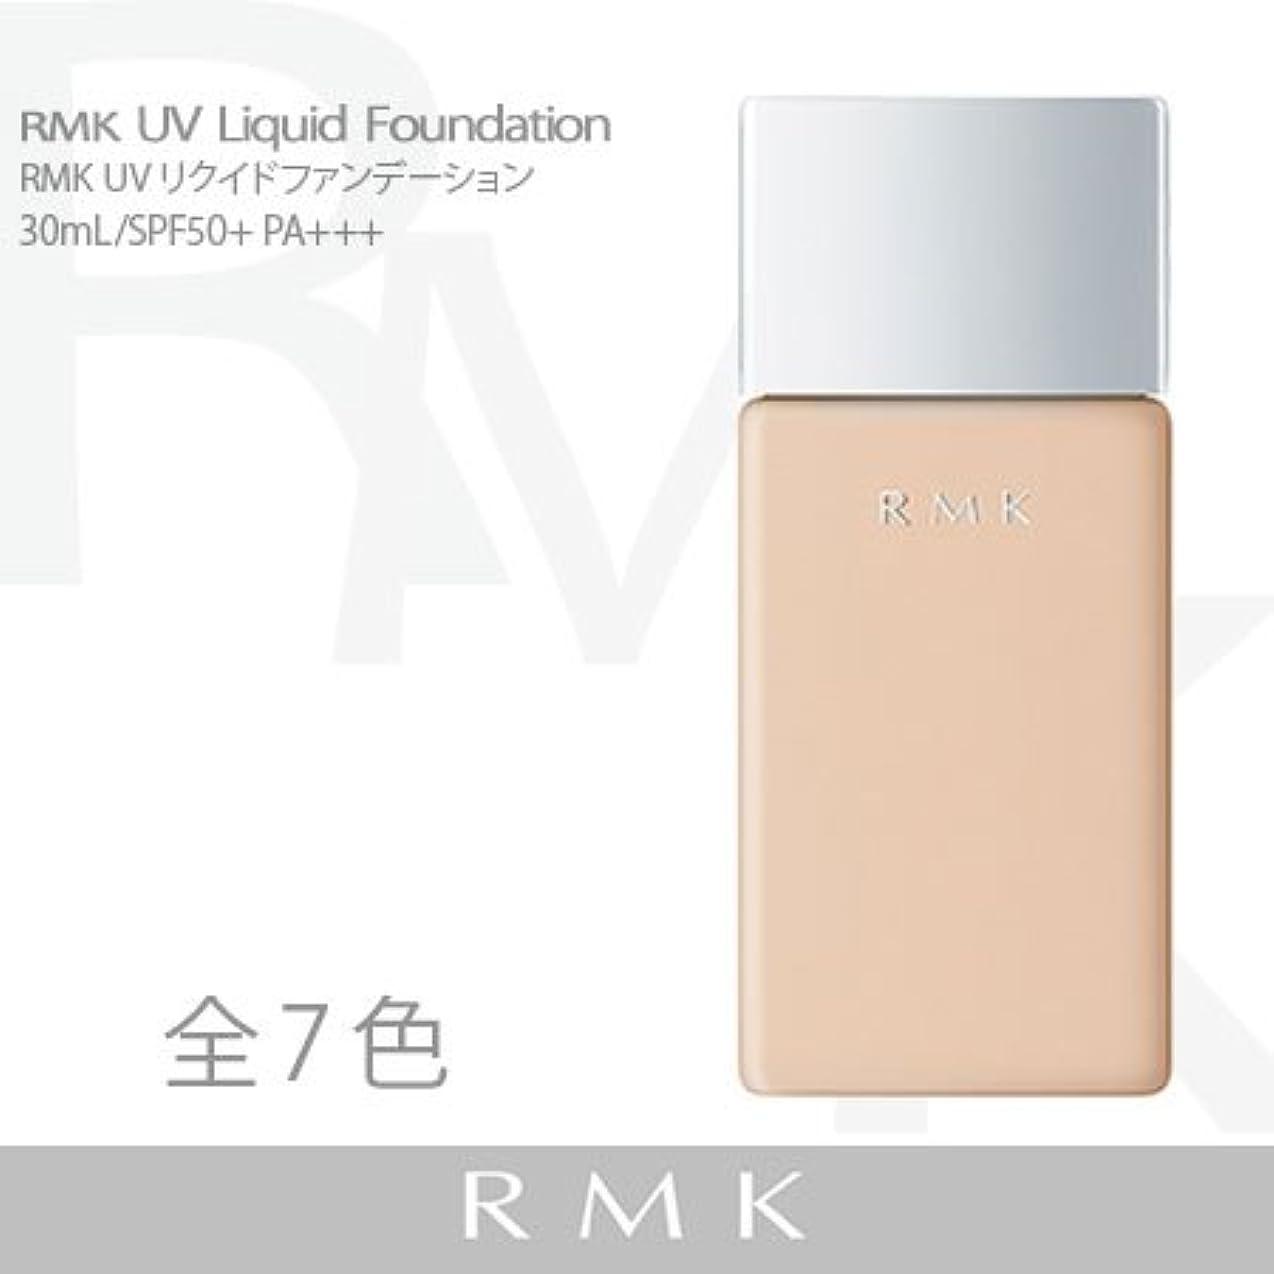 抑制する保持隙間【RMK (ルミコ)】UVリクイドファンデーション #104 30ml